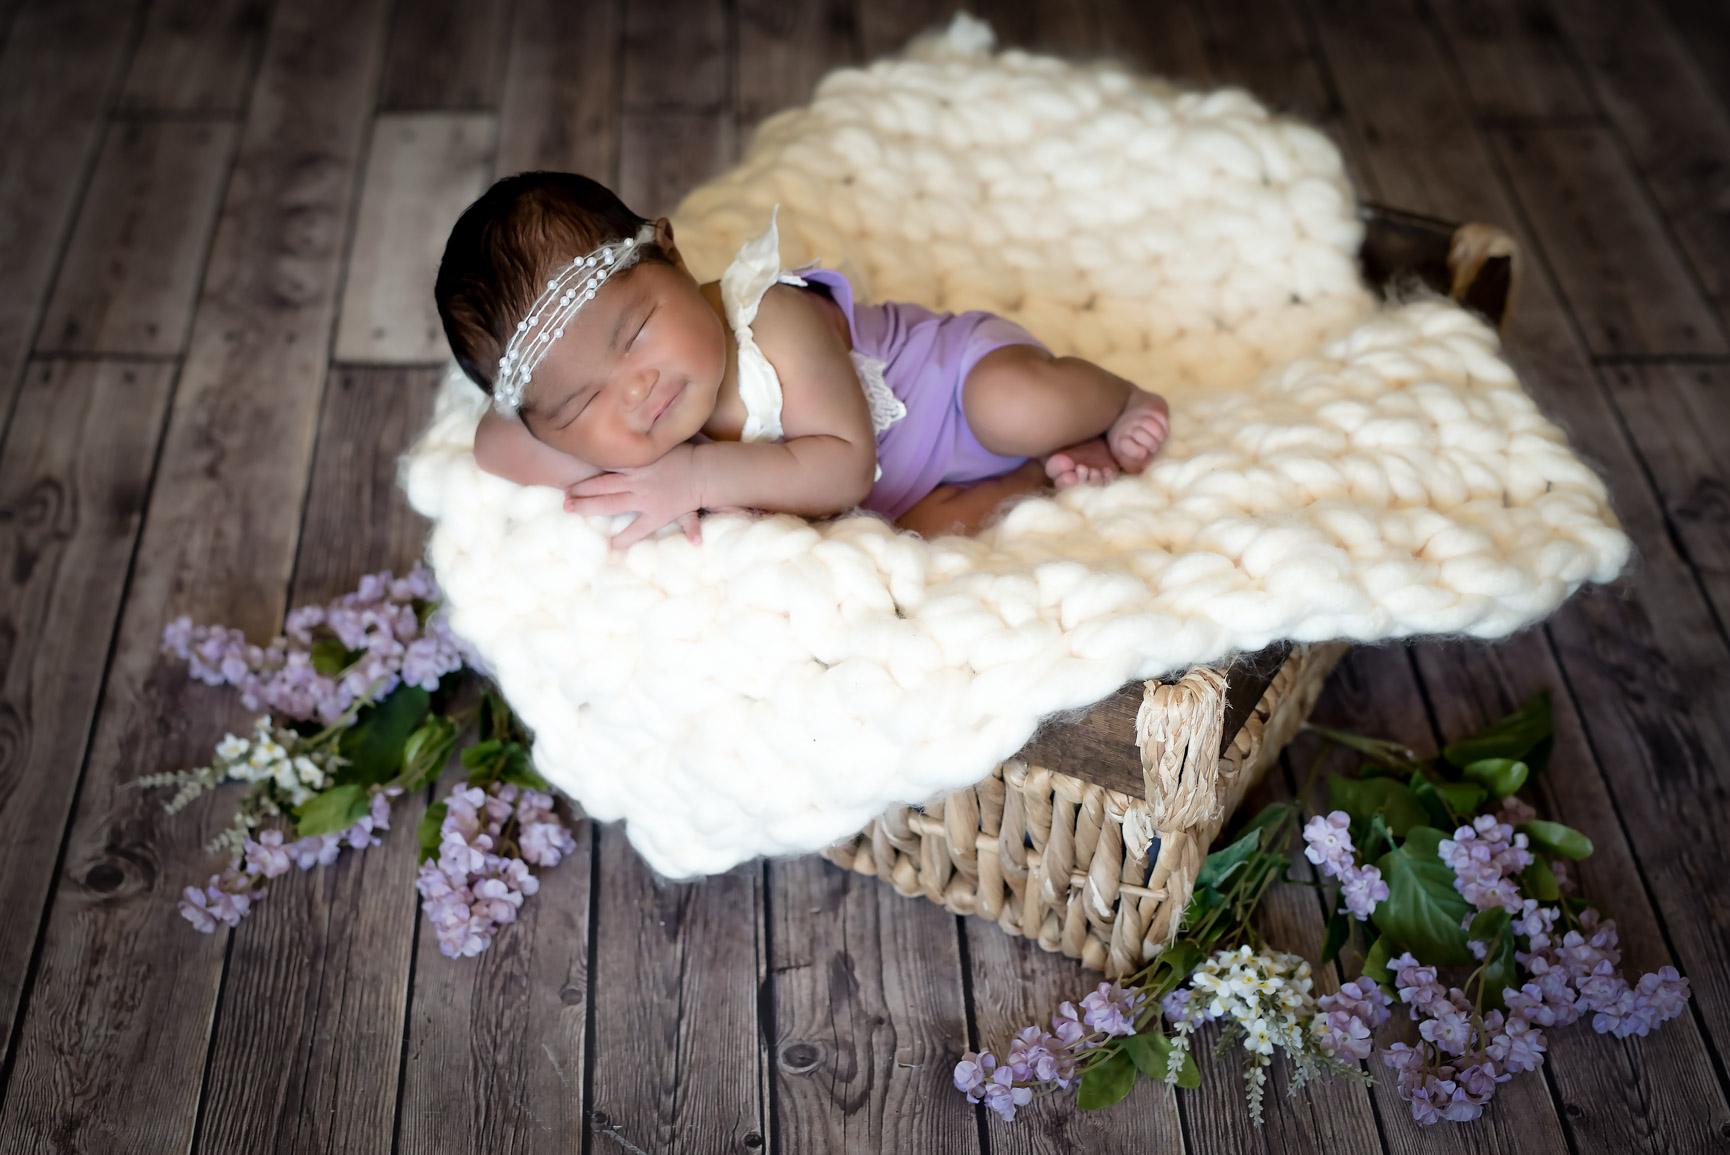 Baby MiaDSC_7414-Edit.jpg